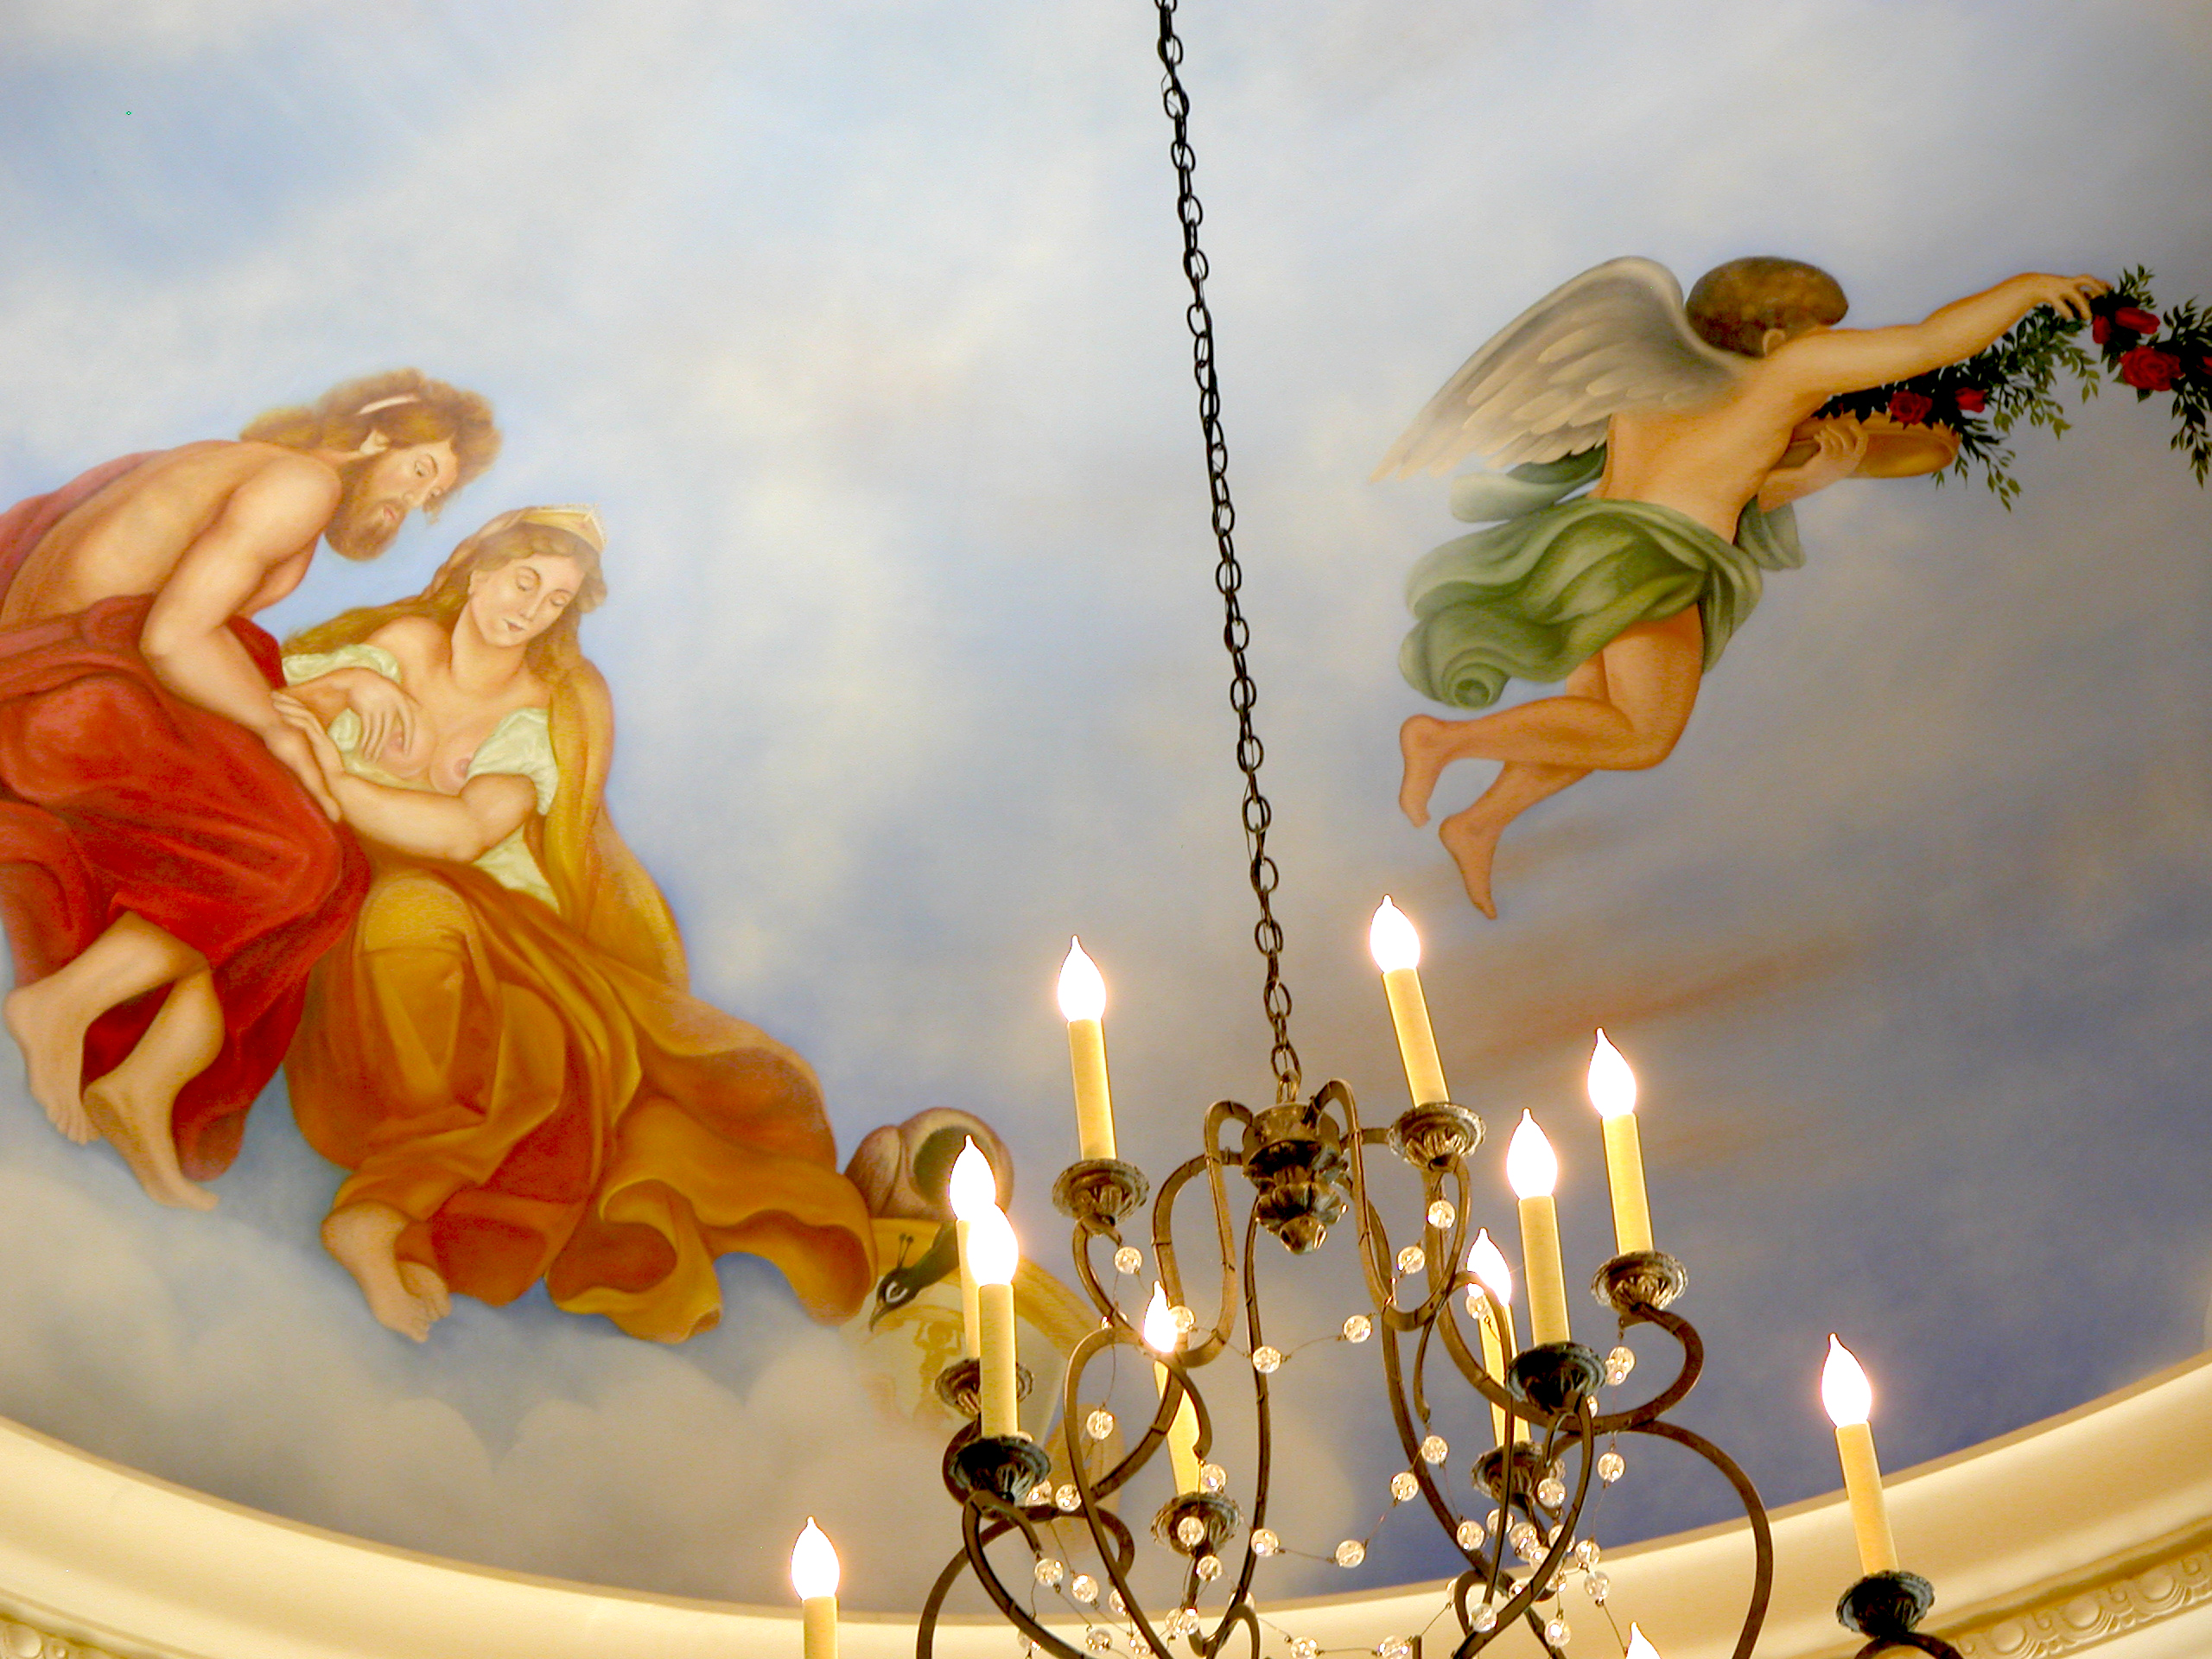 Mural & Ceiling Tenafly NJ